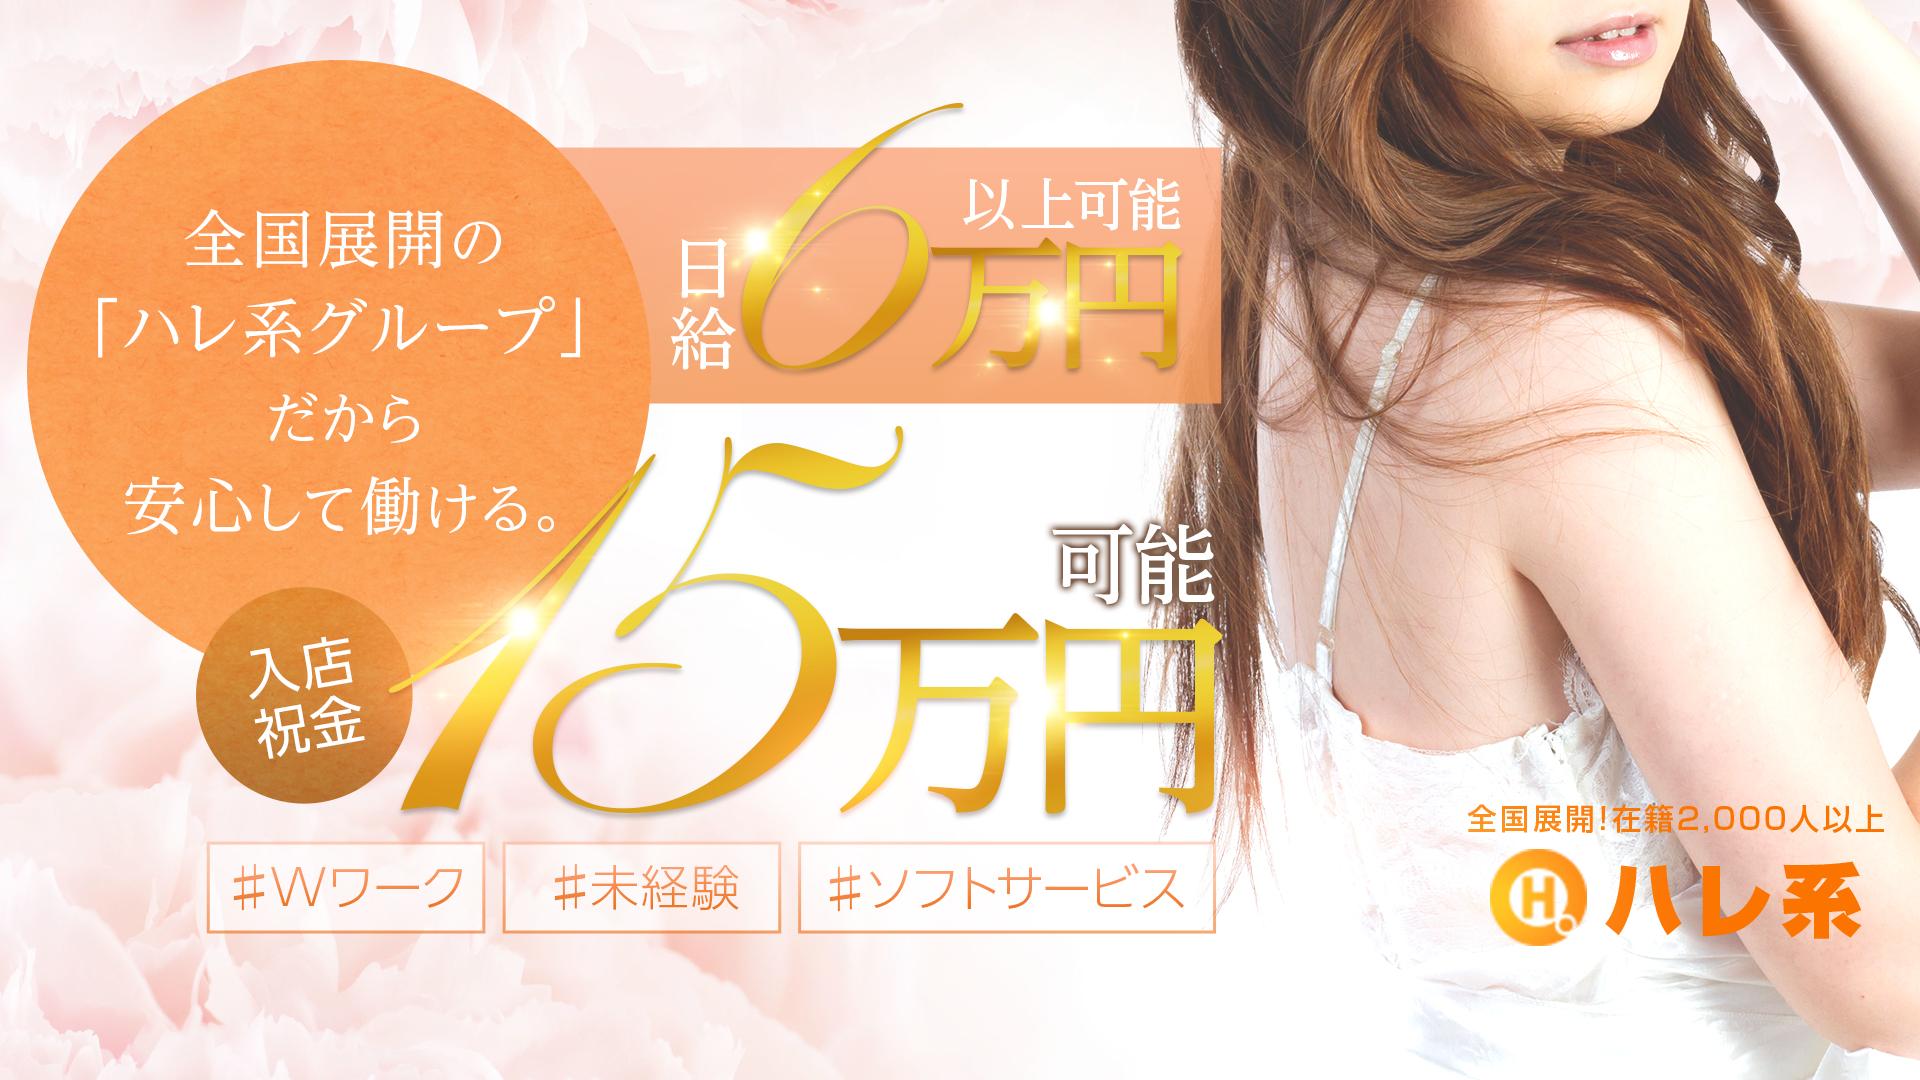 熊本ハレ系の求人画像